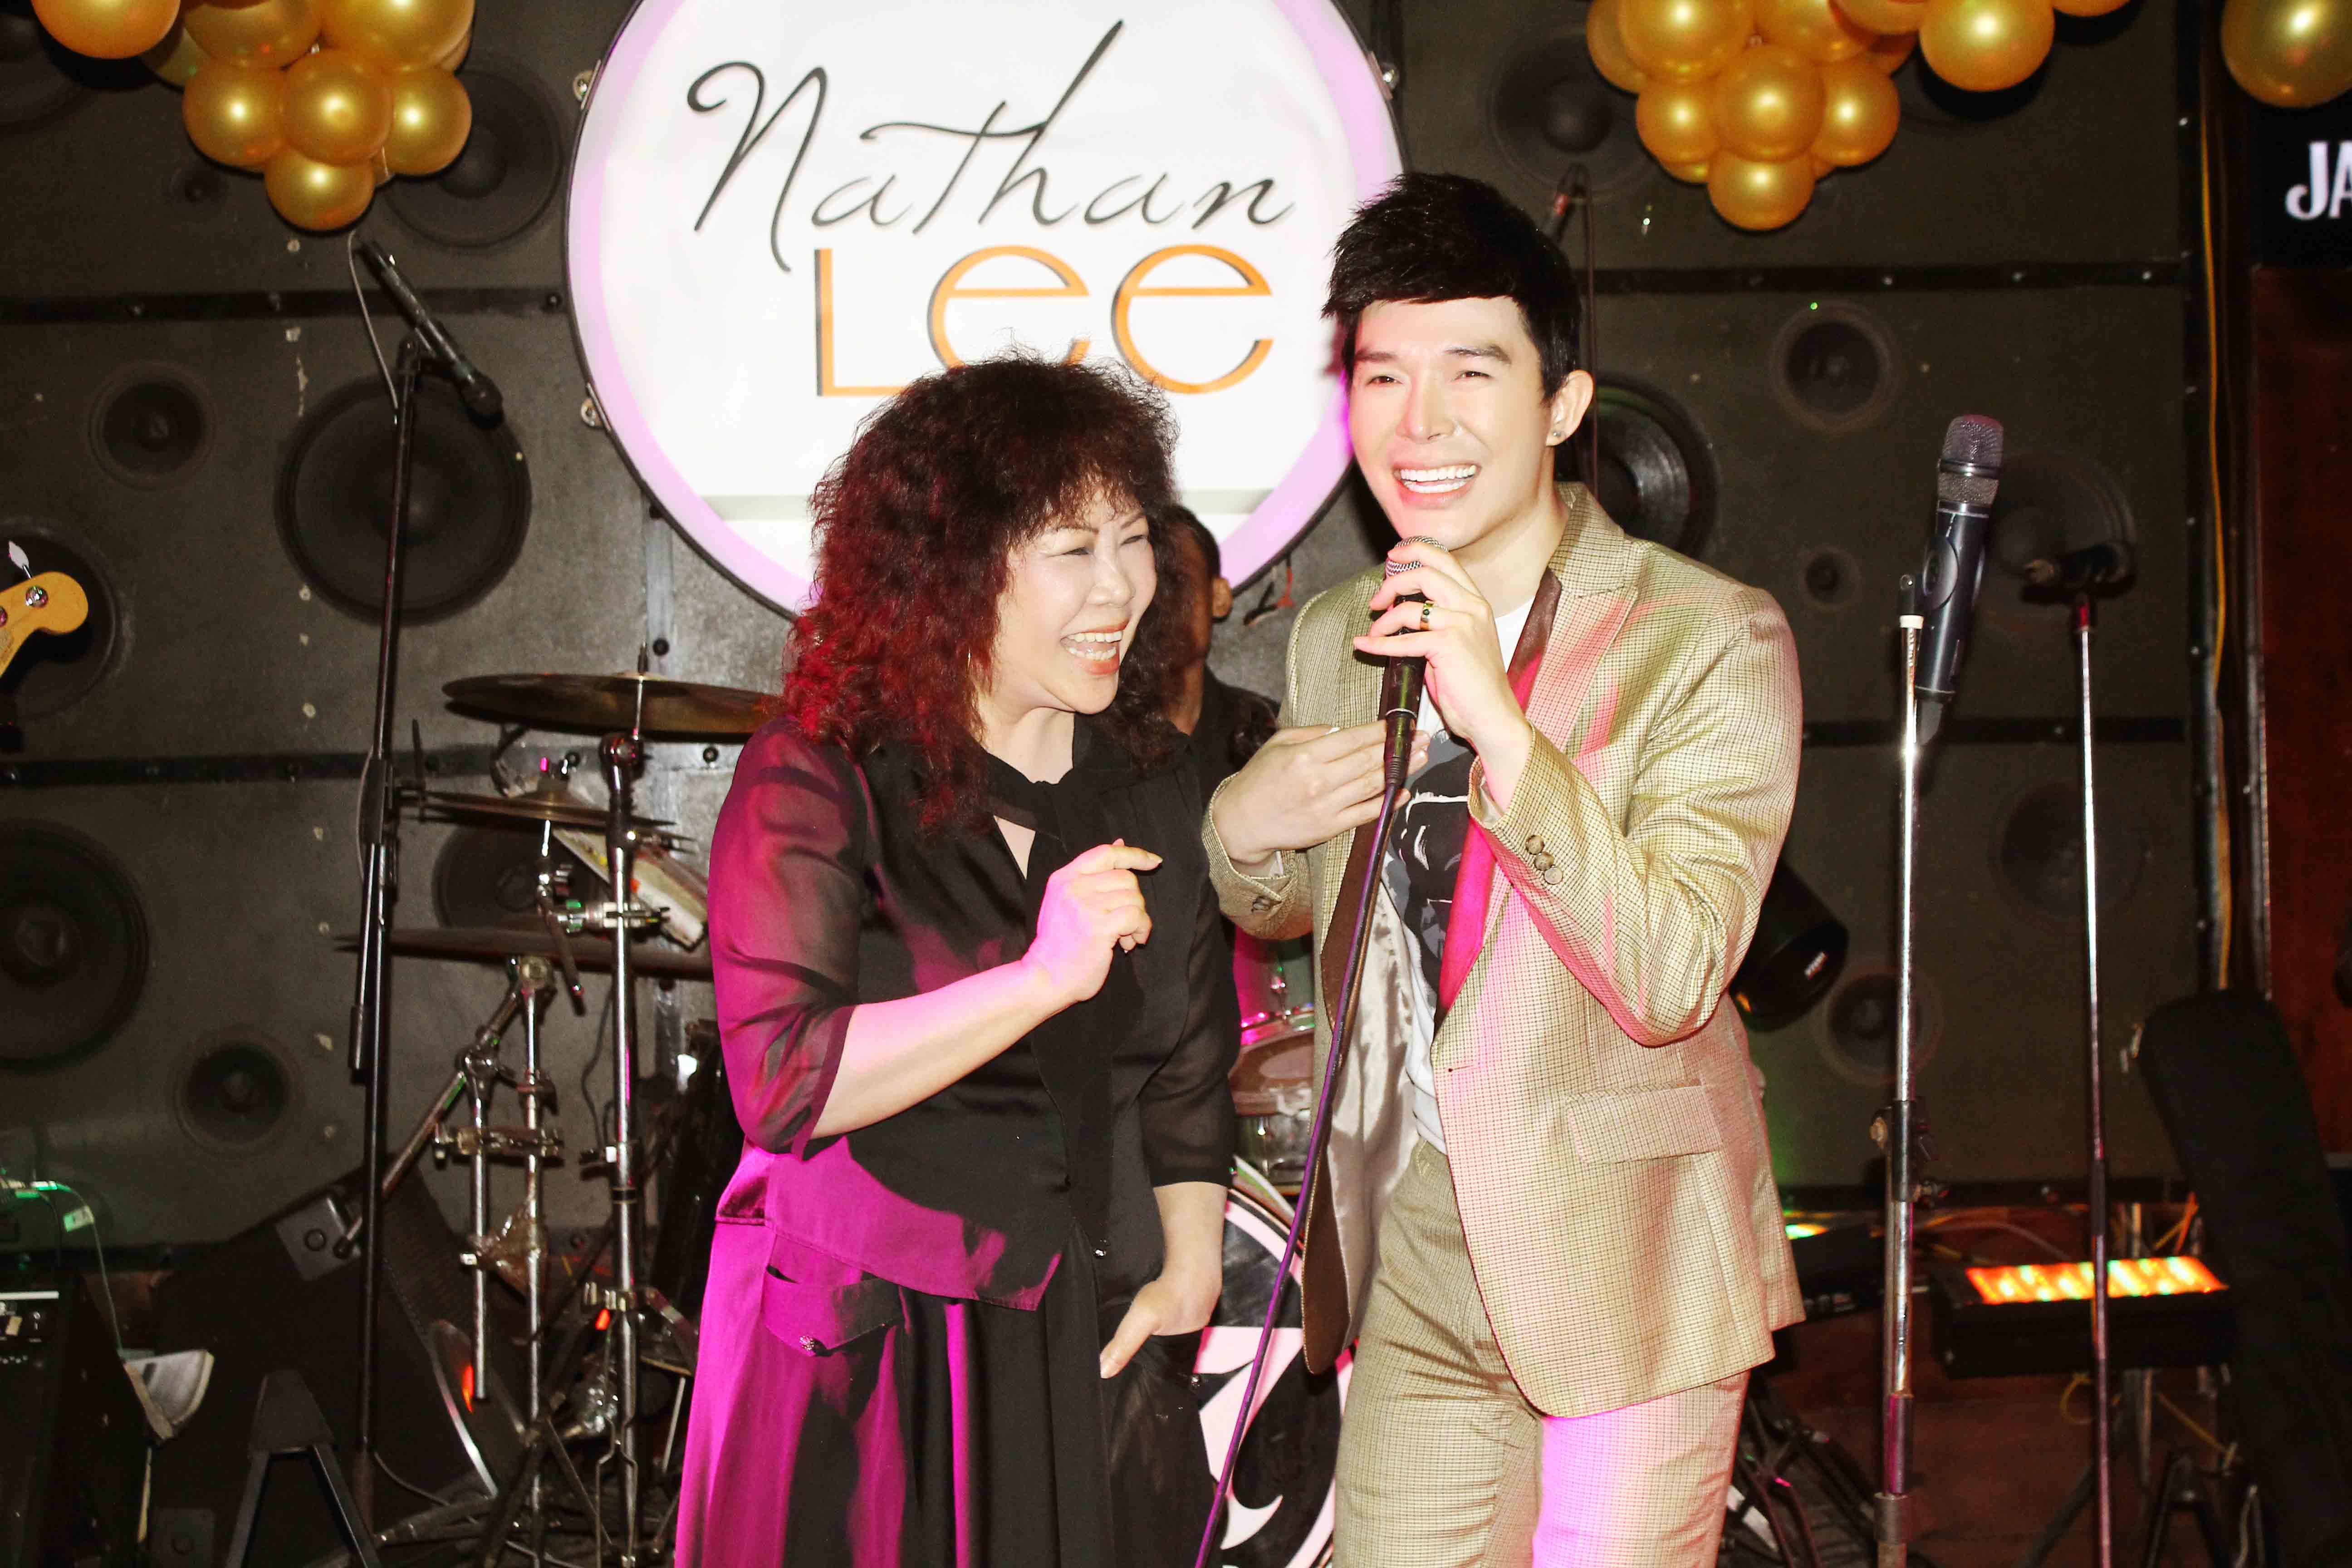 Nathan Lee bất ngờ song ca cùng mẹ trong đêm sinh nhật - Ảnh 9